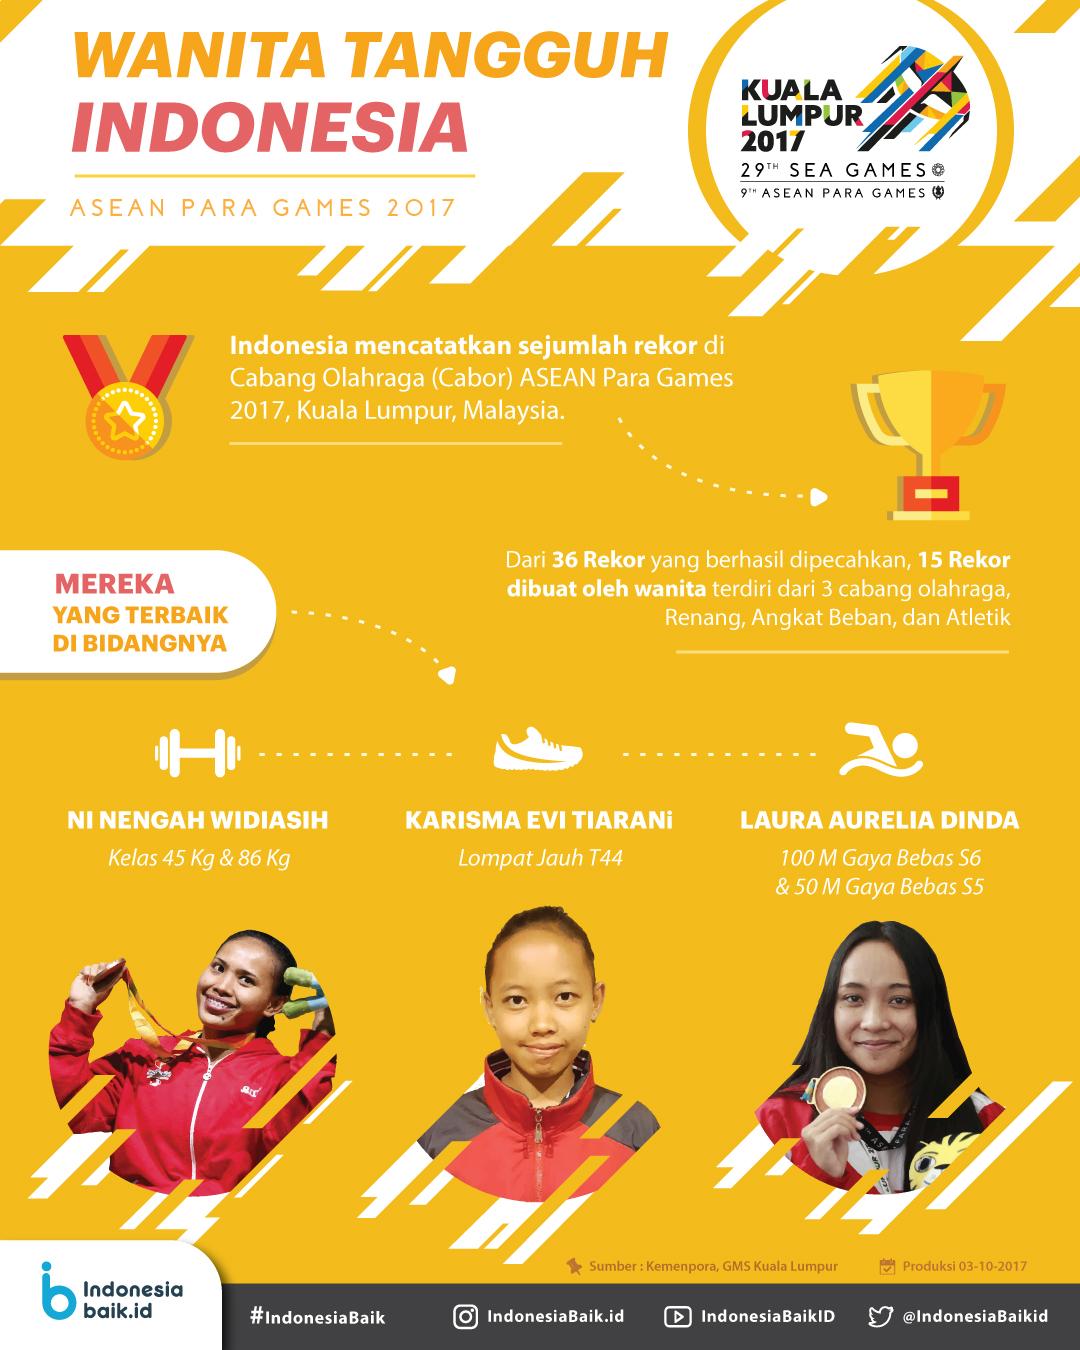 Wanita Tanggung Indonesia di ASEAN Para Games 2017